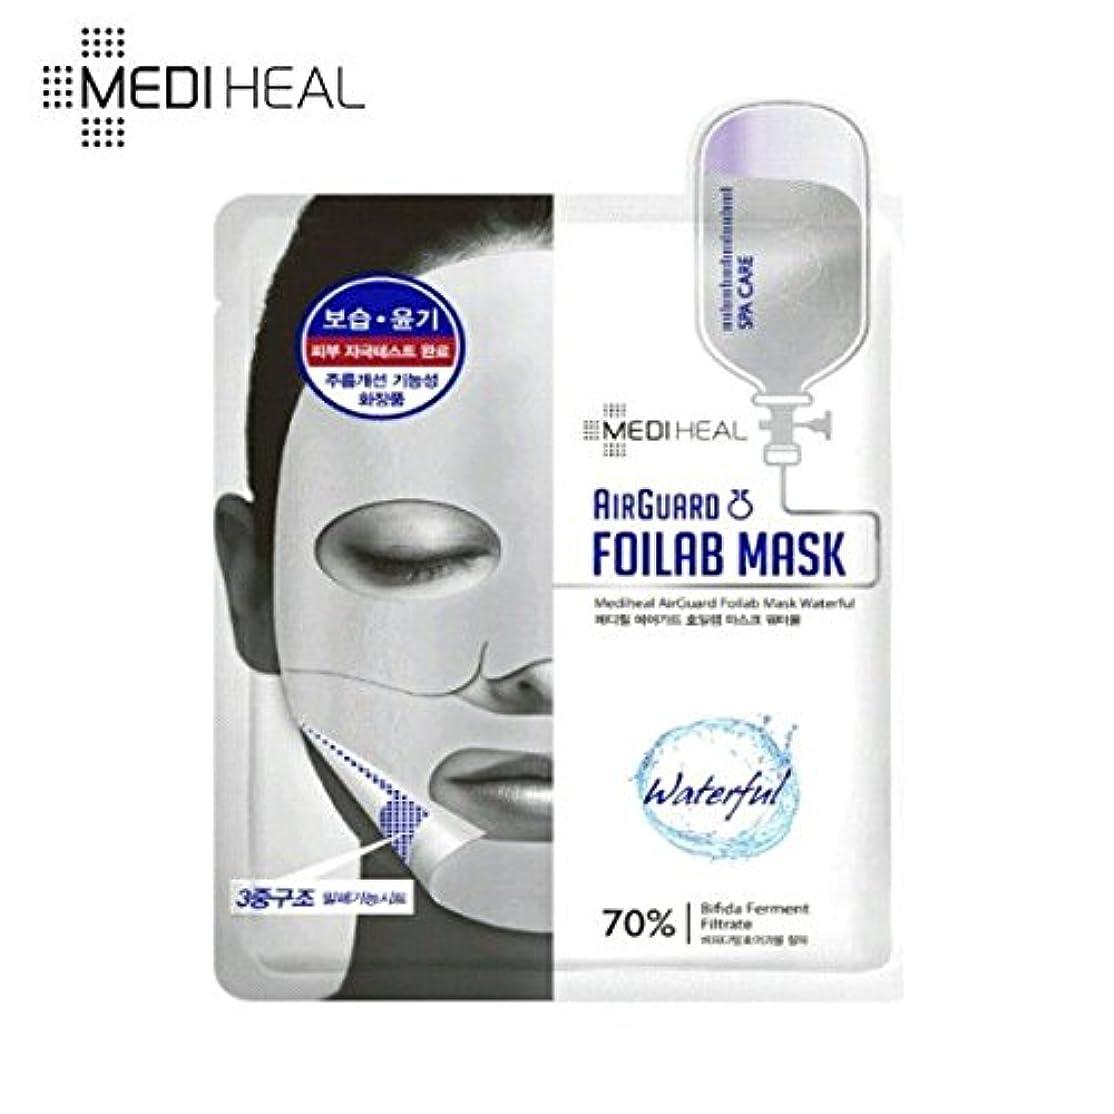 褒賞まっすぐにする原始的なMEDIHEAL/メディヒール/air guard foillab mask waterful/エアーガードフォイルマスク ウォーターフル/韓国/韓国コスメ/保湿/乾燥